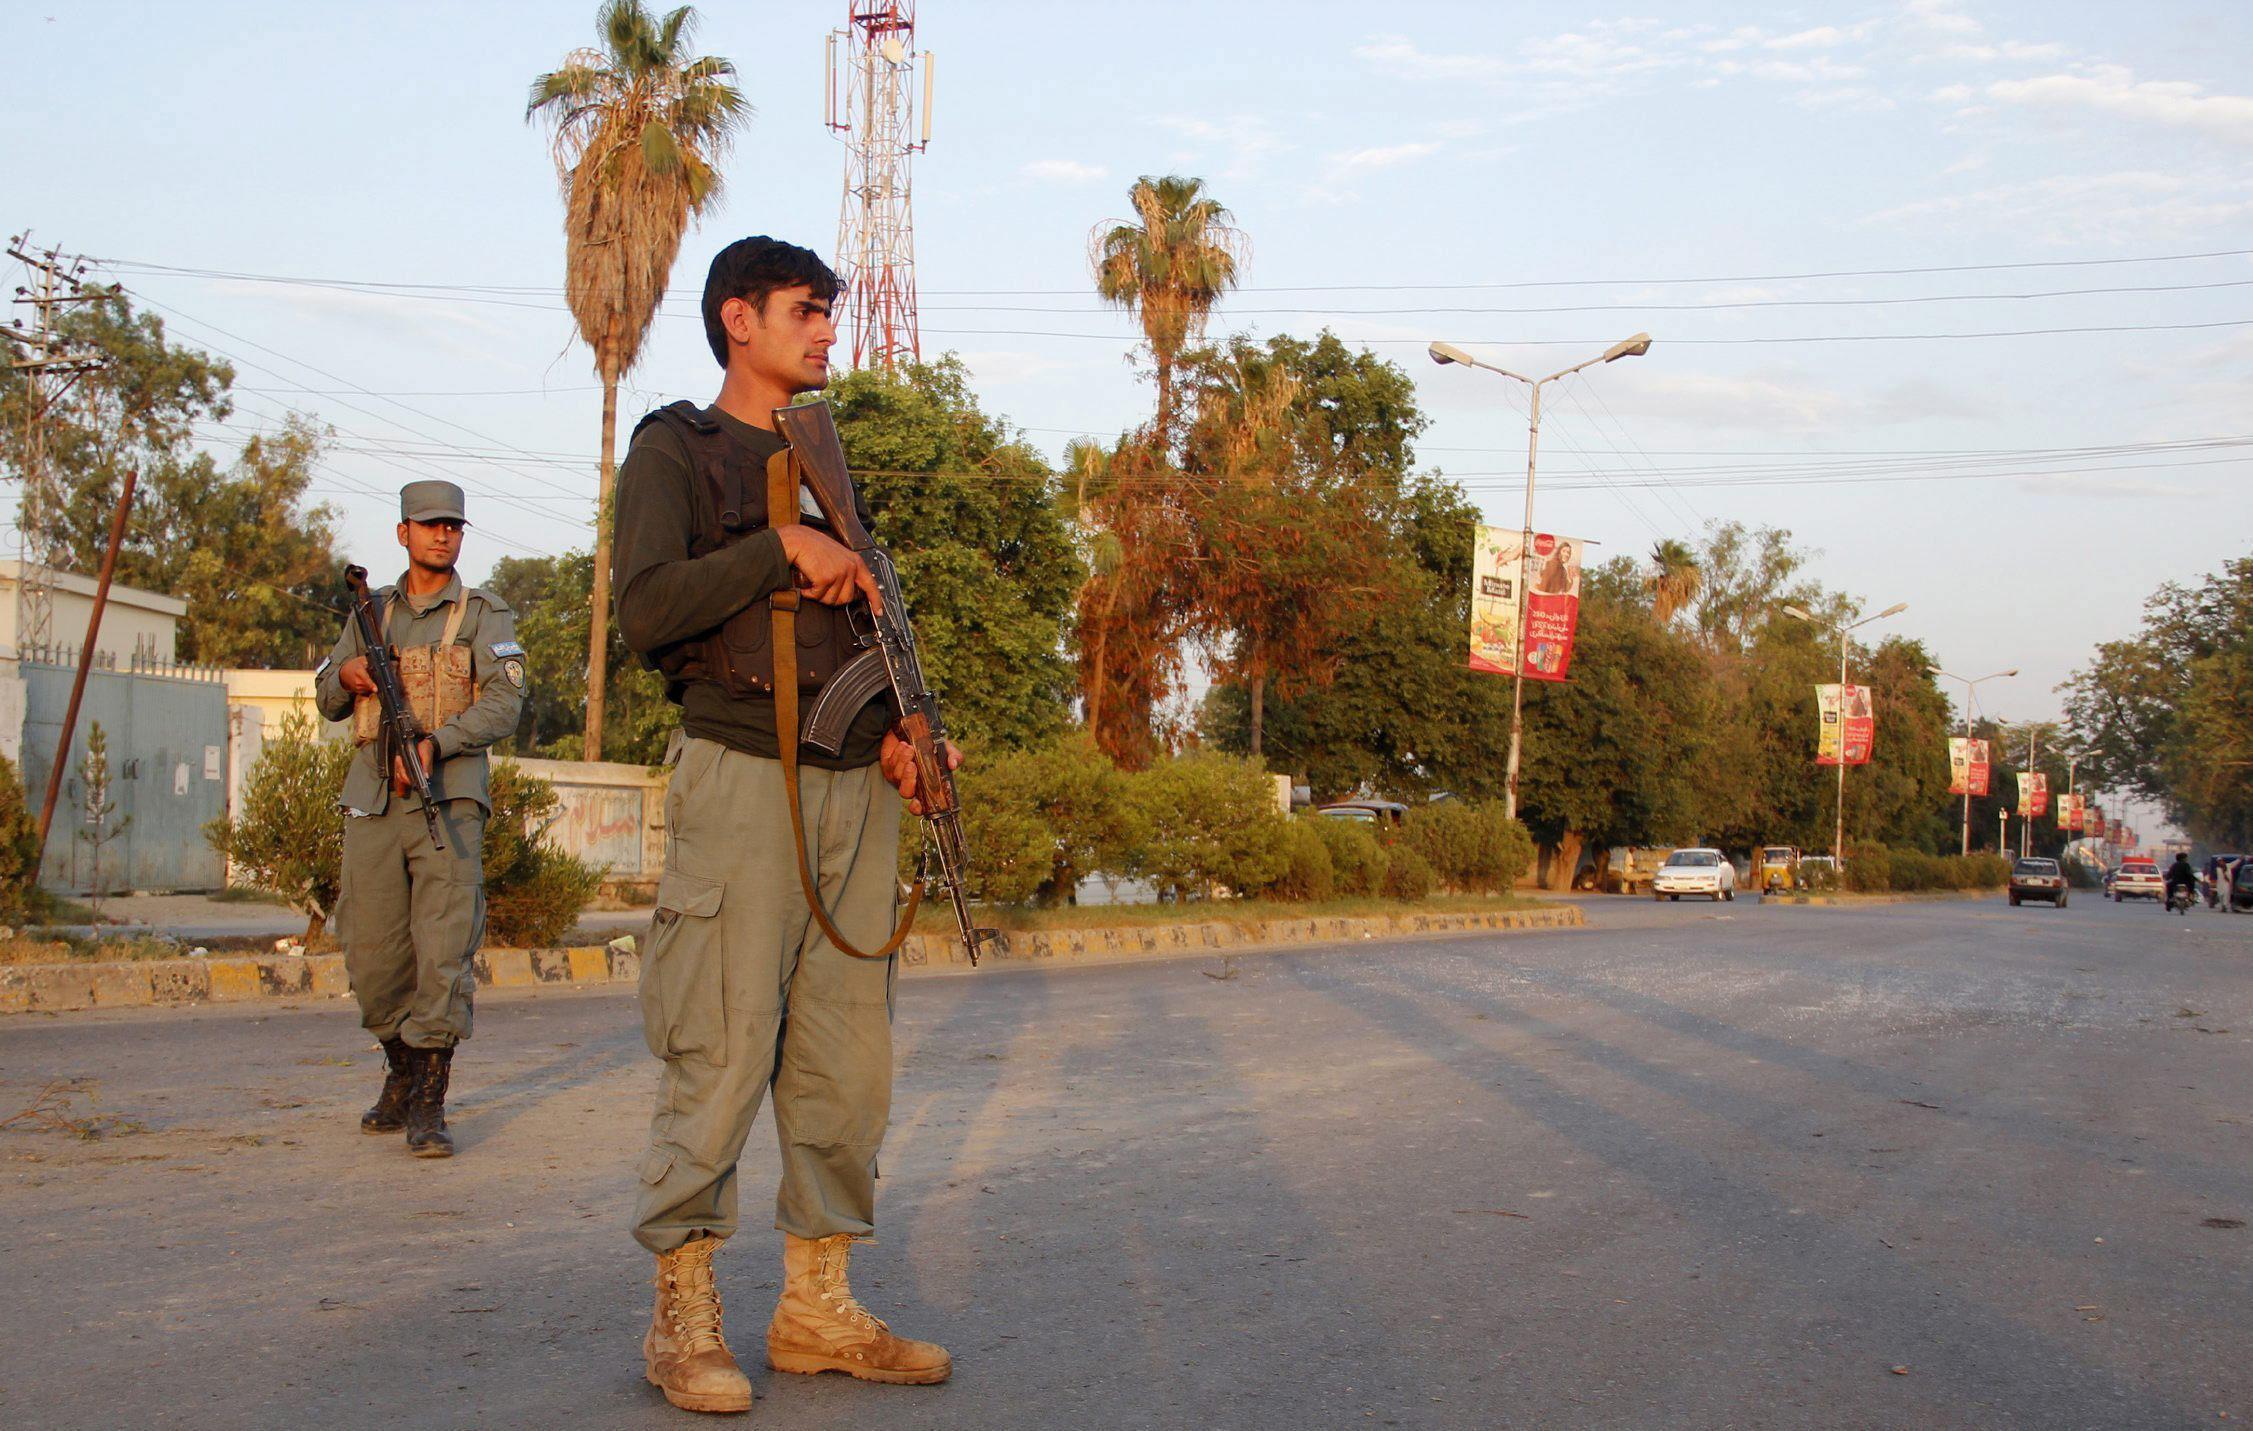 Mueren 8 personas en un ataque suicida en la frontera entre Afganistán y Pakistán